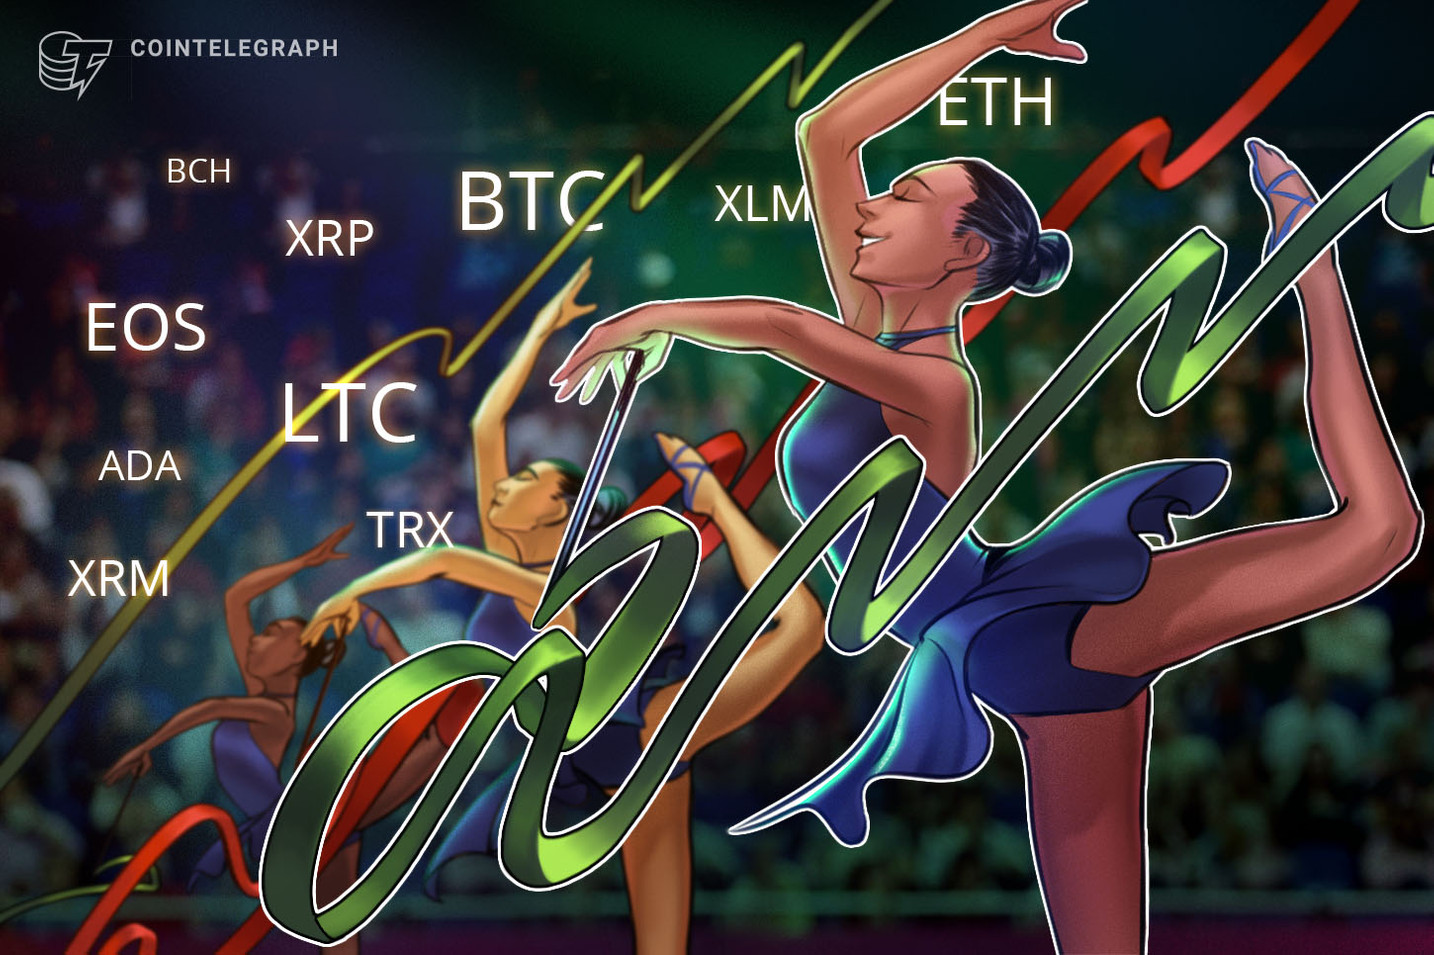 待たれる機関投資家の本格参入 ビットコインやリップルなど仮想通貨はどこで下げ止まる? 3日のテクニカル分析